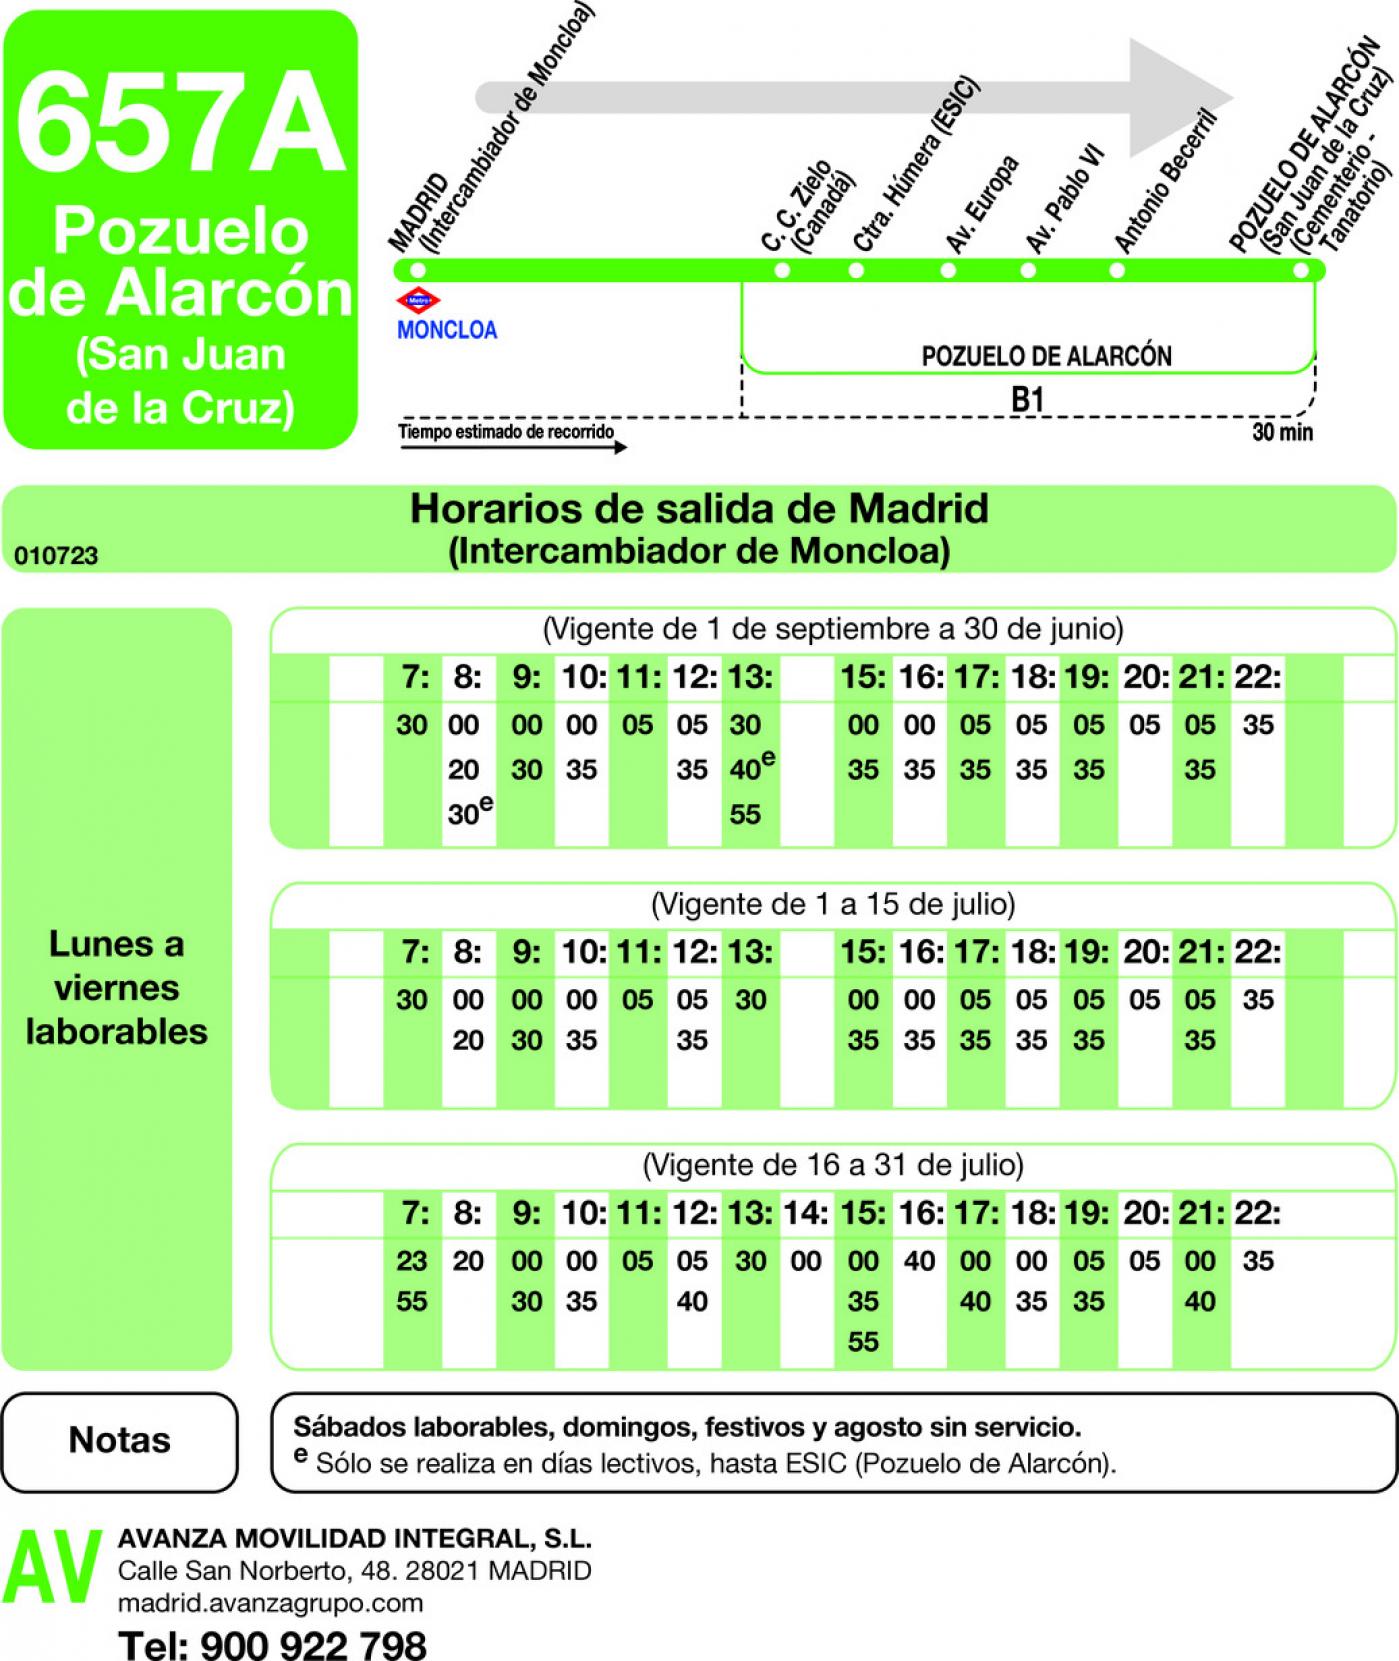 Tabla de horarios y frecuencias de paso en sentido ida Línea 657-A: Madrid (Moncloa) - Pozuelo (San Juan de la Cruz)